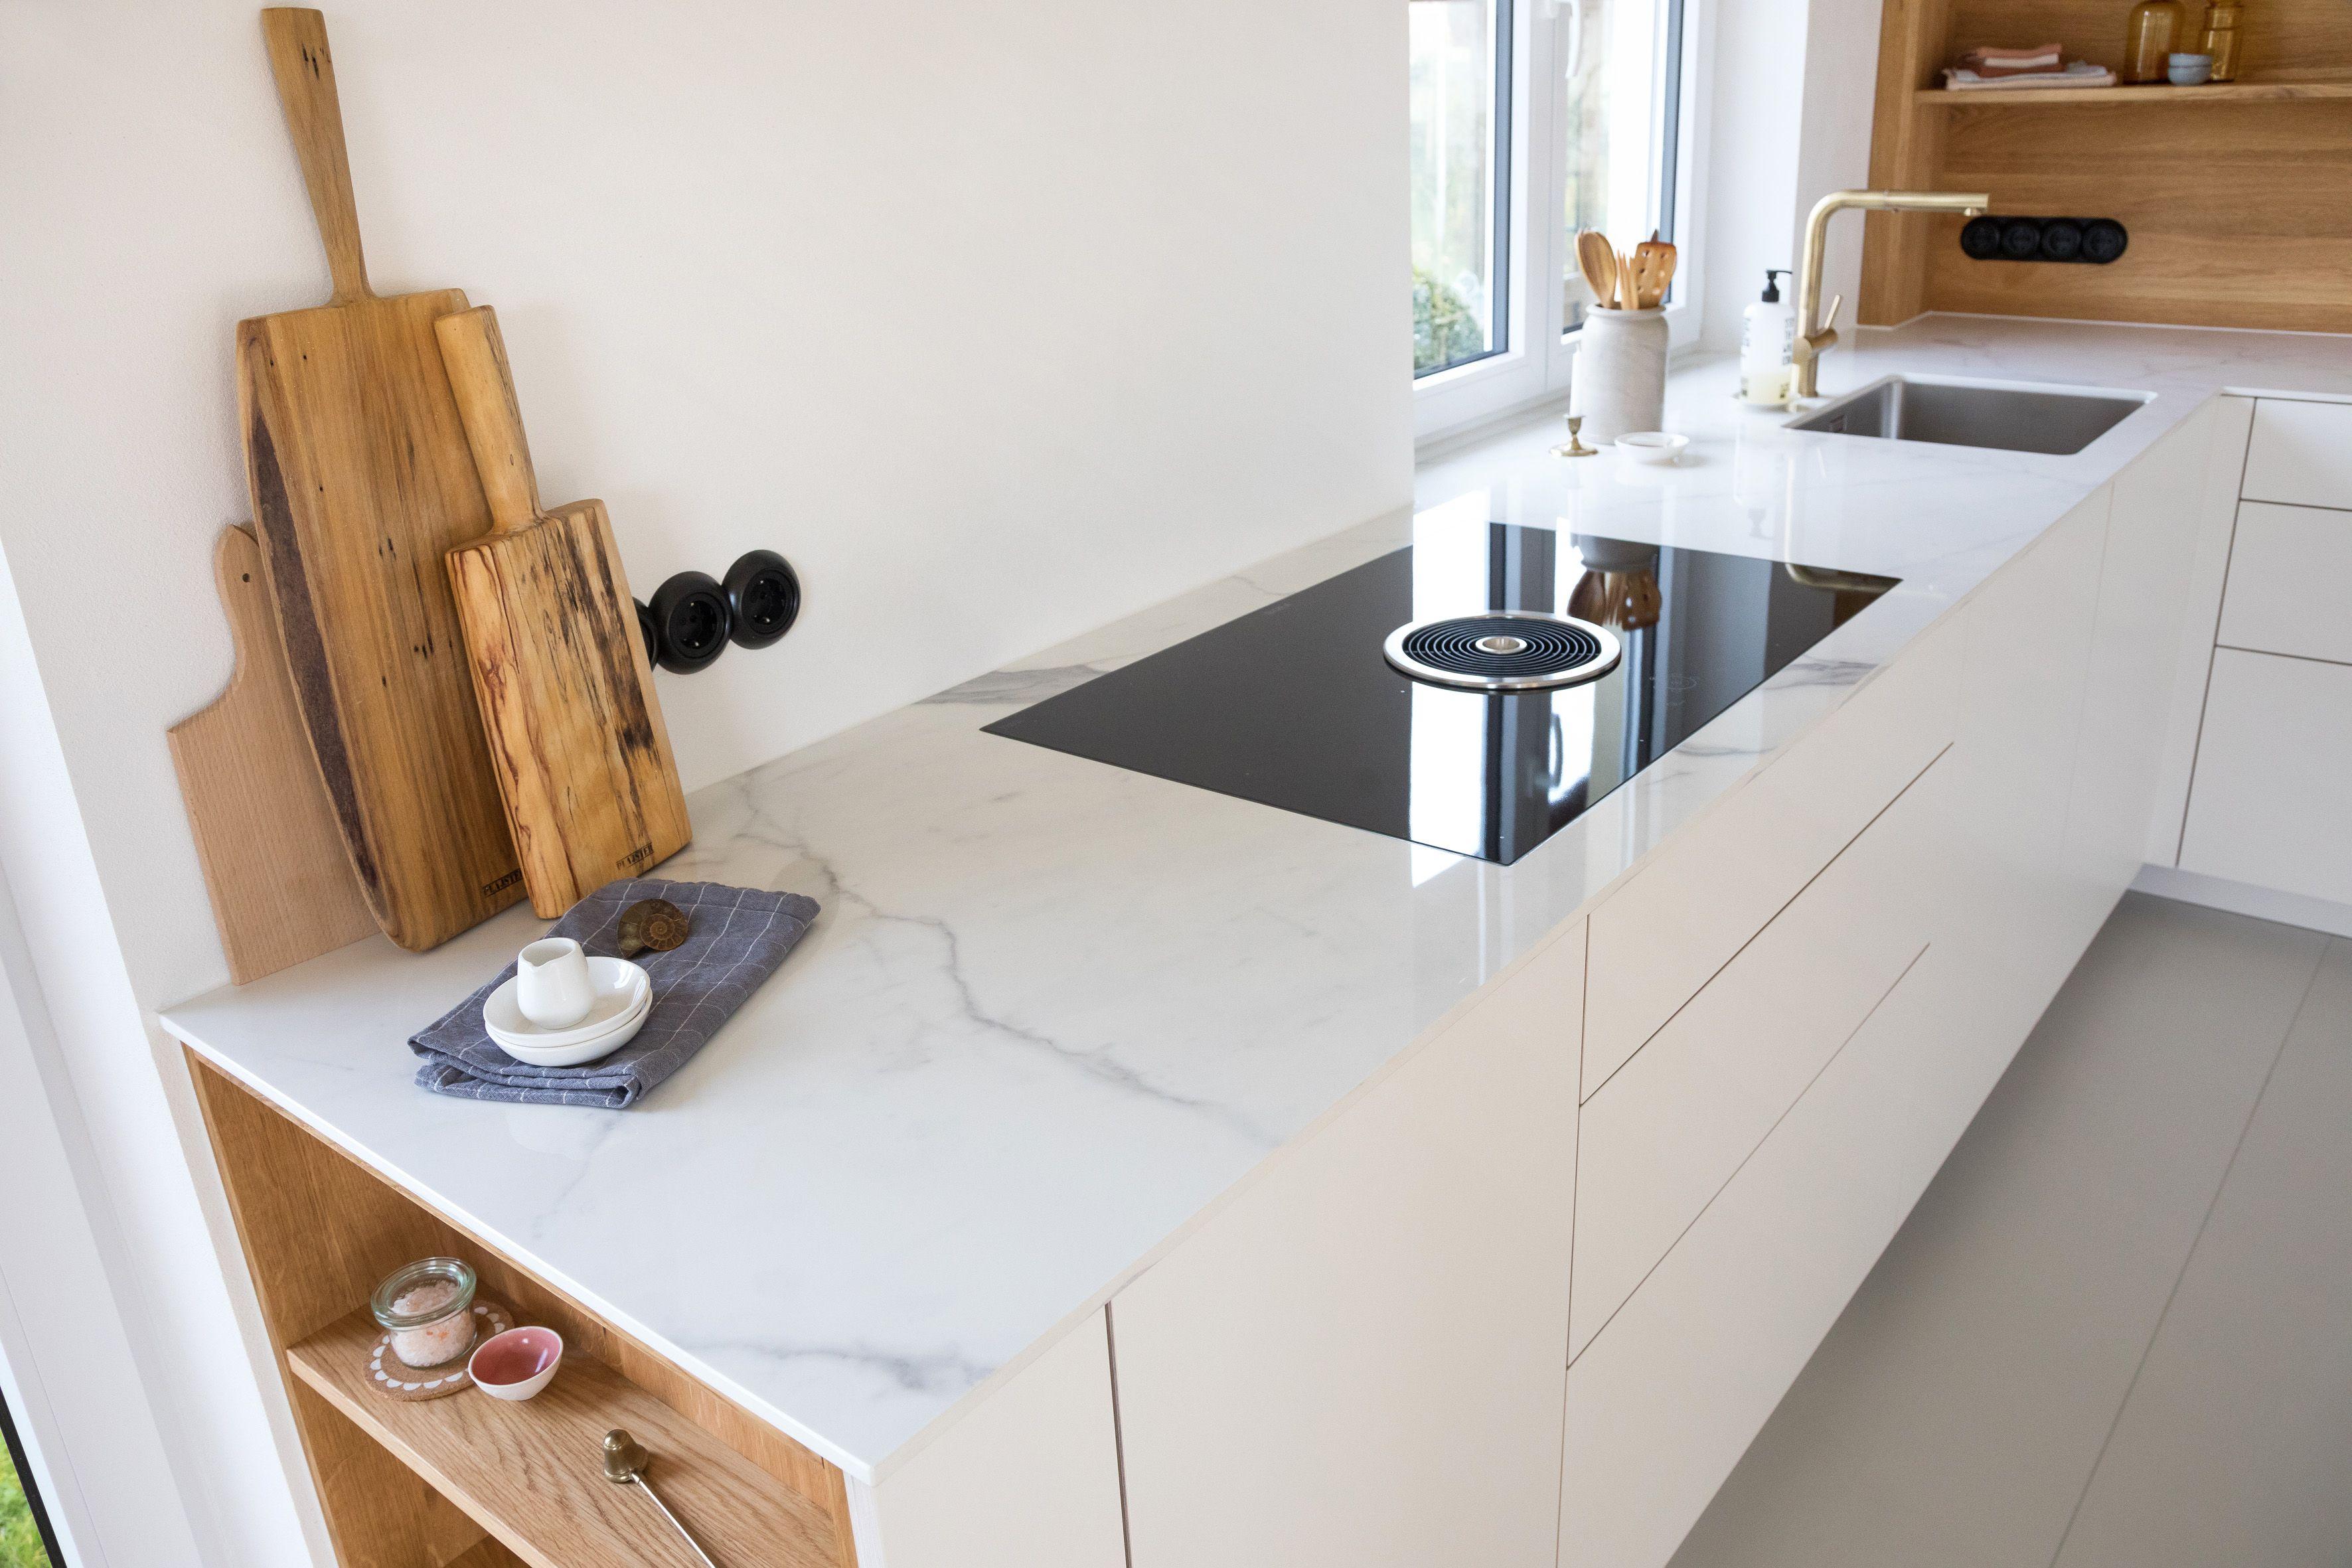 Marmor Arbeitsplatte Weiss Wohnkuche Design Modernes Wohnen Clean Minimalistisch Style In 2020 Kuche Luxus Kuchen Planung Marmor Arbeitsplatte